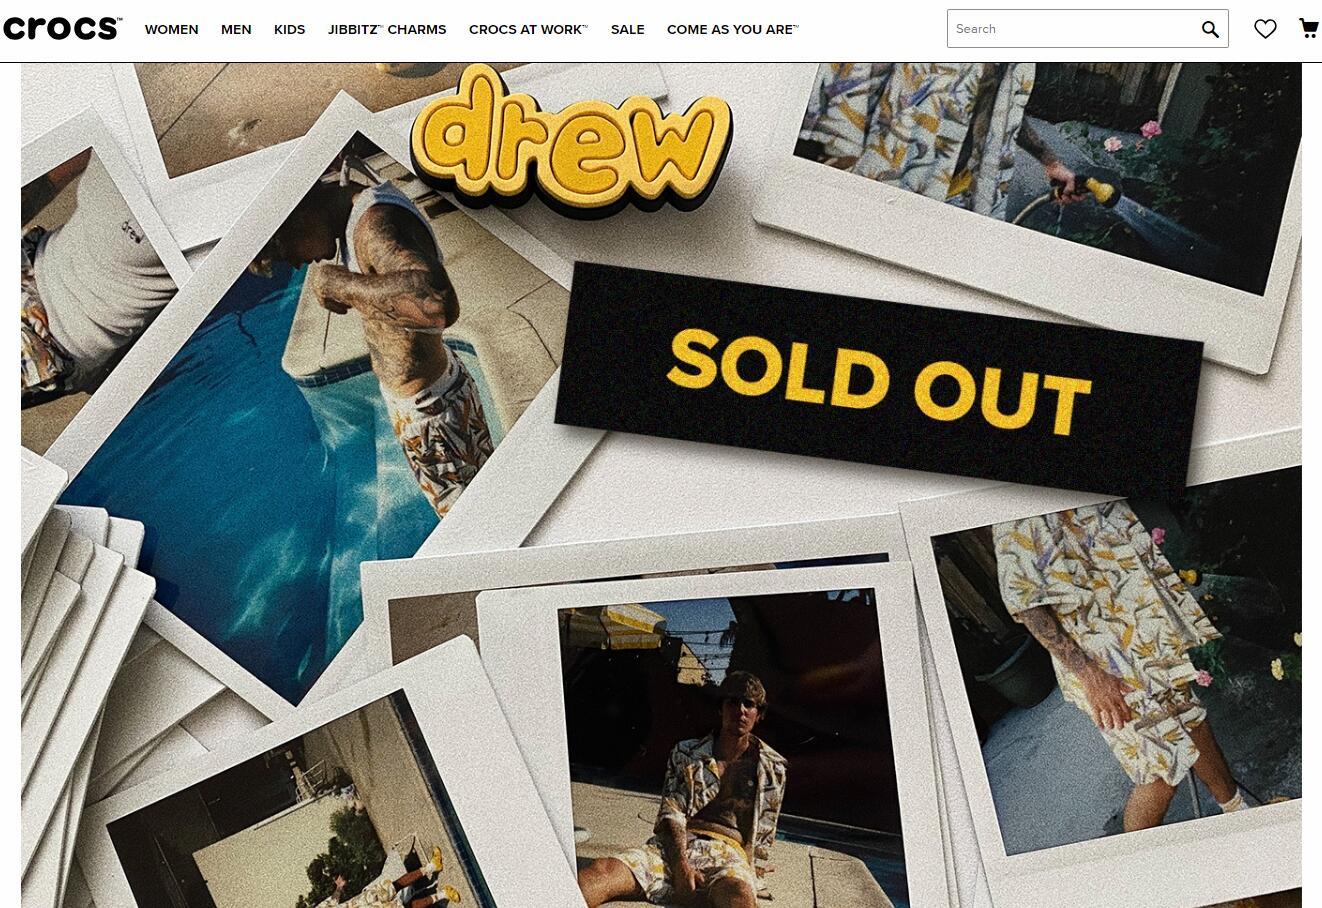 Crocs 与 Justin Bieber 的联名鞋发布后即刻售罄,转售价最多高出近一倍